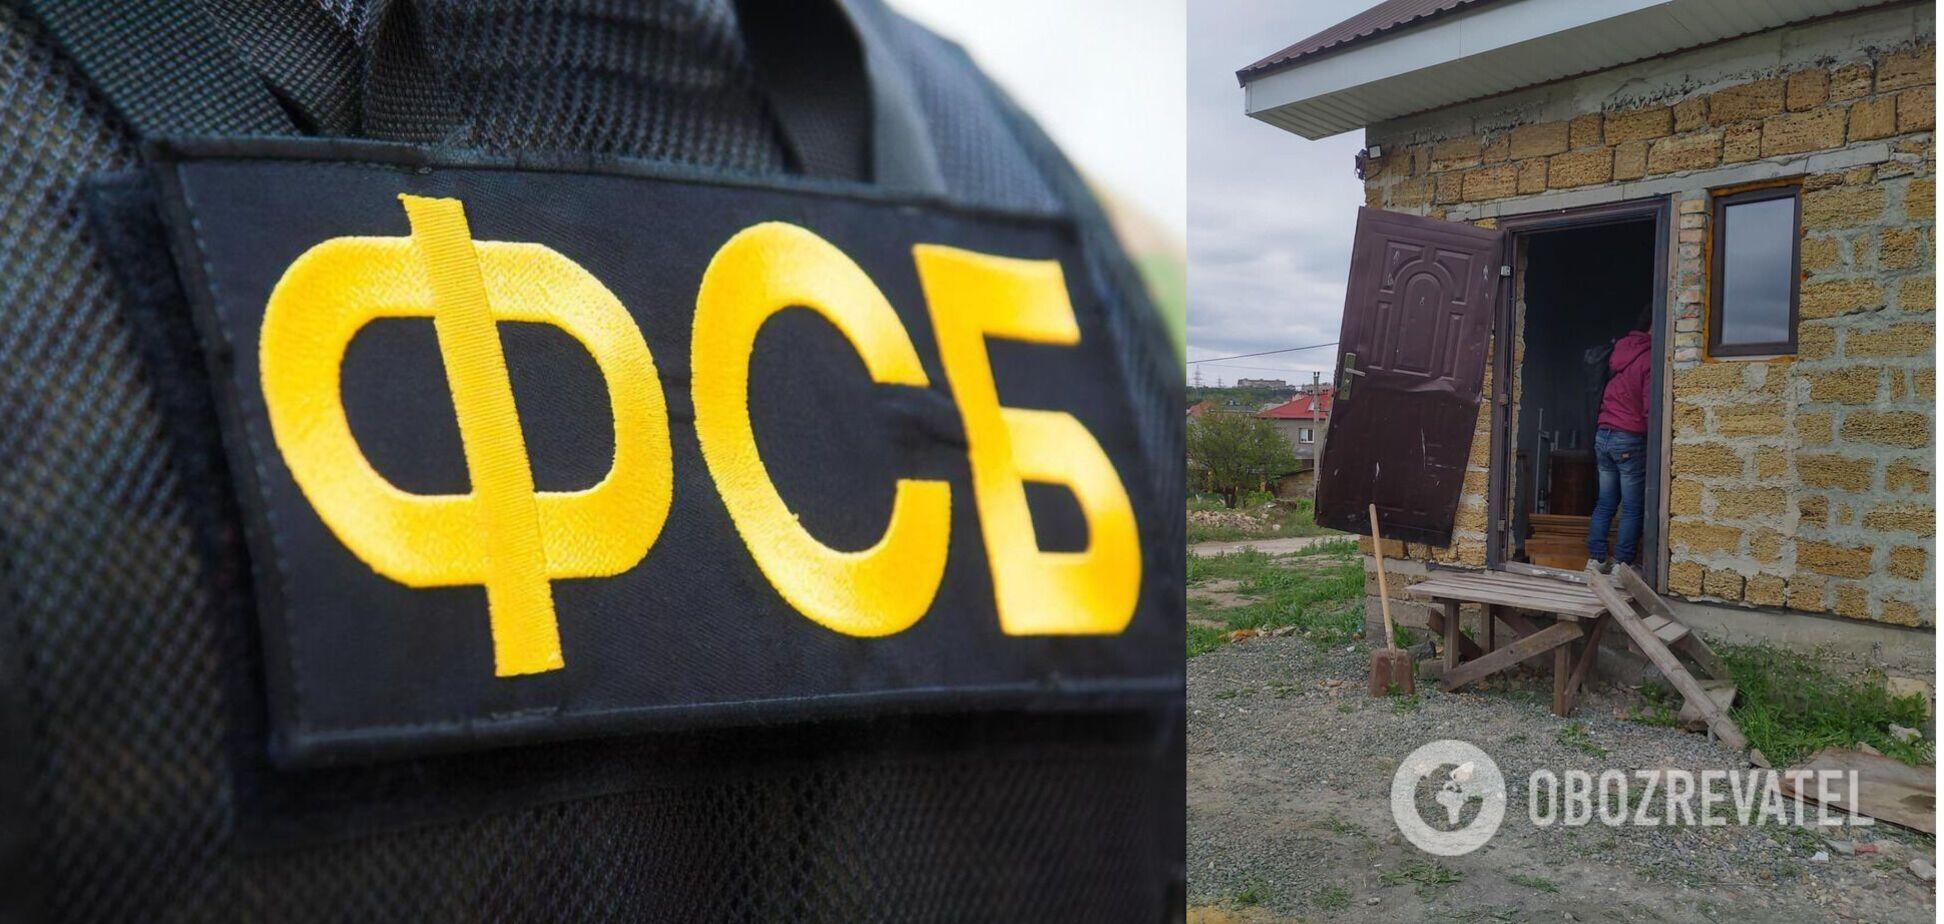 Правозахисники заявили про вбивство в Криму мусульманина: ФСБ назвала його 'терористом'. Фото та відео